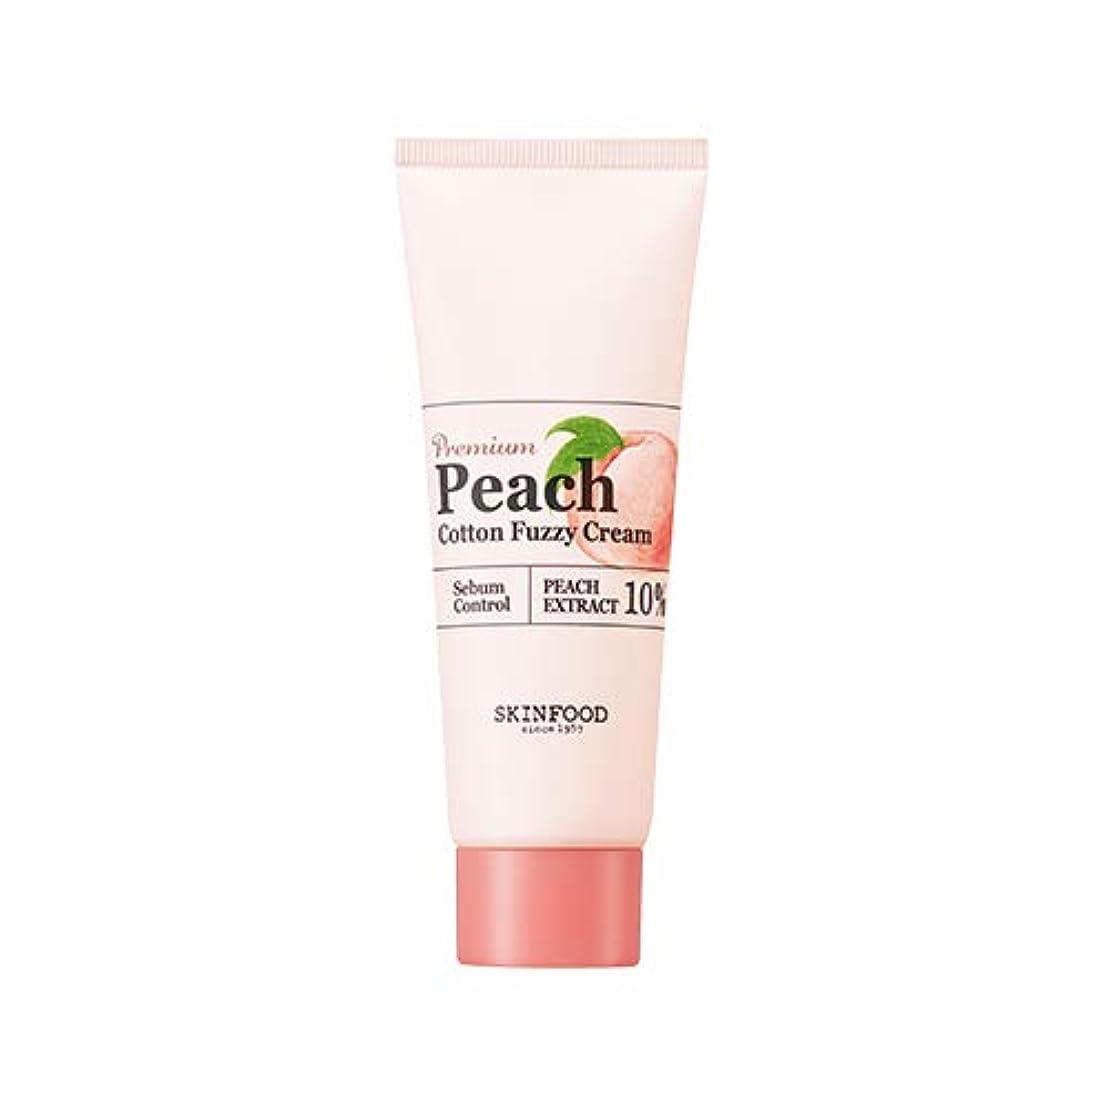 鑑定粘着性決してSkinfood プレミアムピーチコットンファジークリーム/Premium Peach Cotton Fuzzy Cream 65ml [並行輸入品]